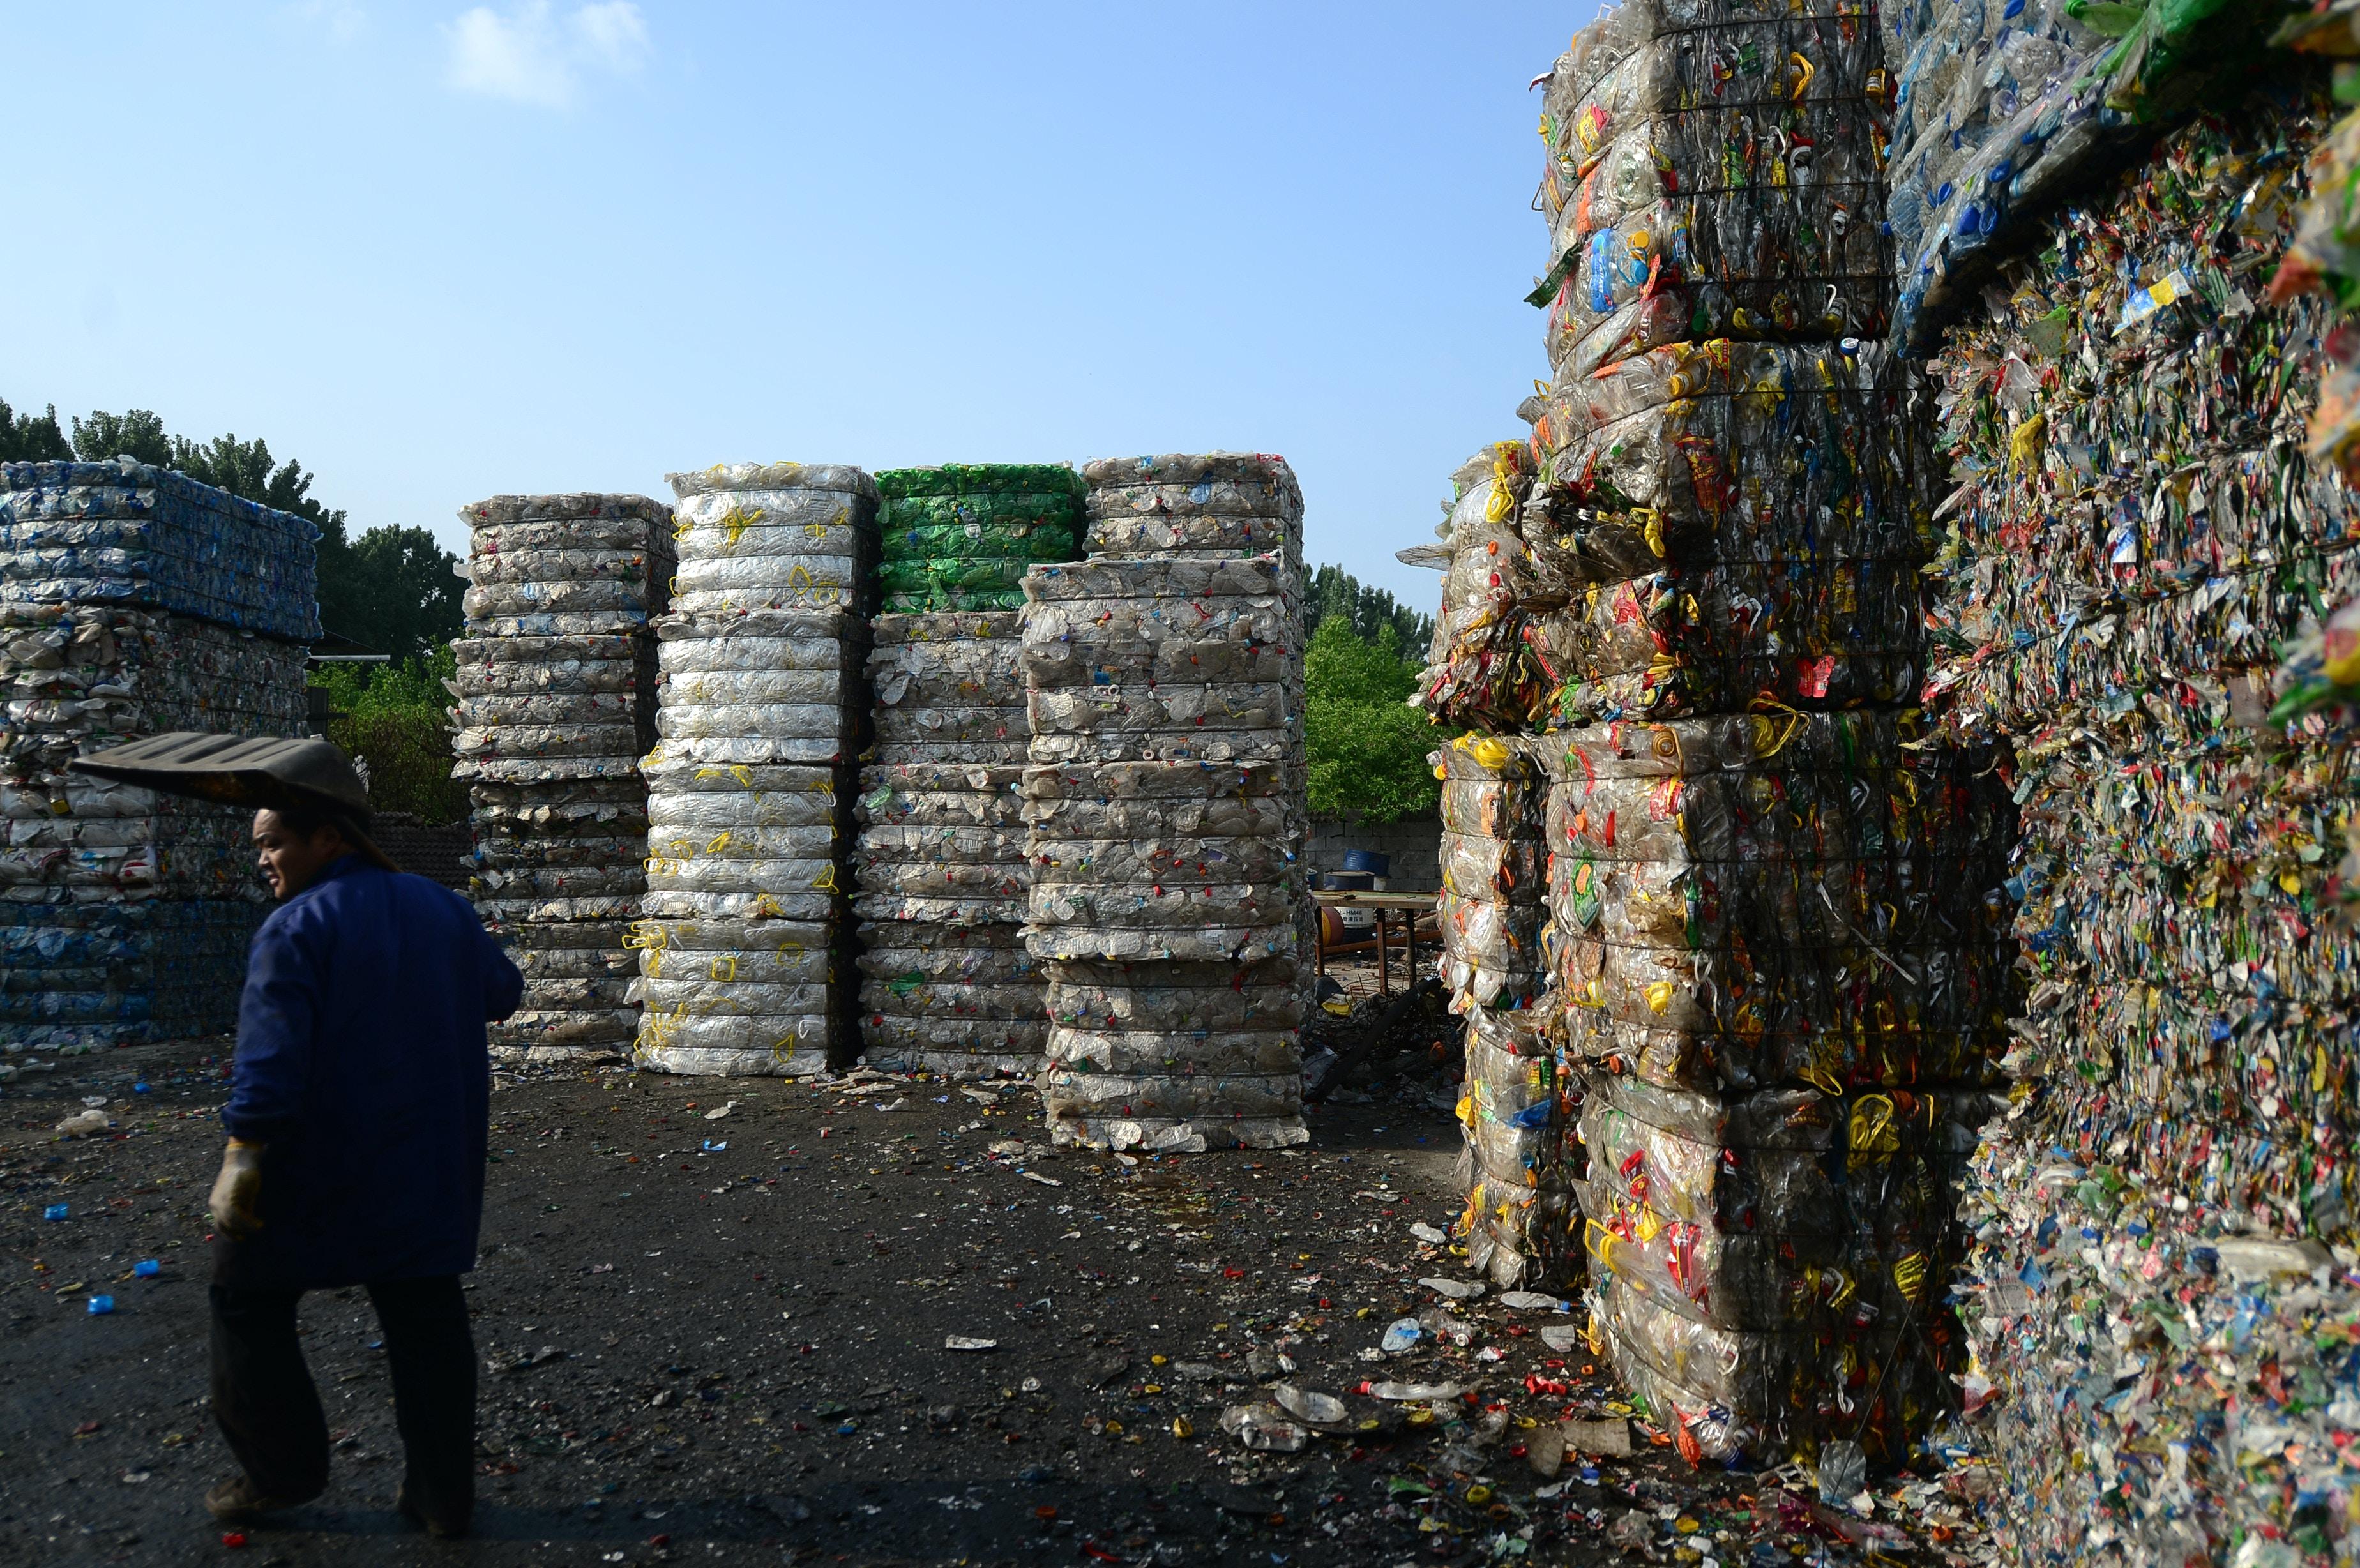 Um trabalhador chinês passa por pilhas de garrafas plásticas em uma estação de reciclagem na cidade de Ji'nan, na província de Shandong, no leste da China, em 4 de maio de 2017.